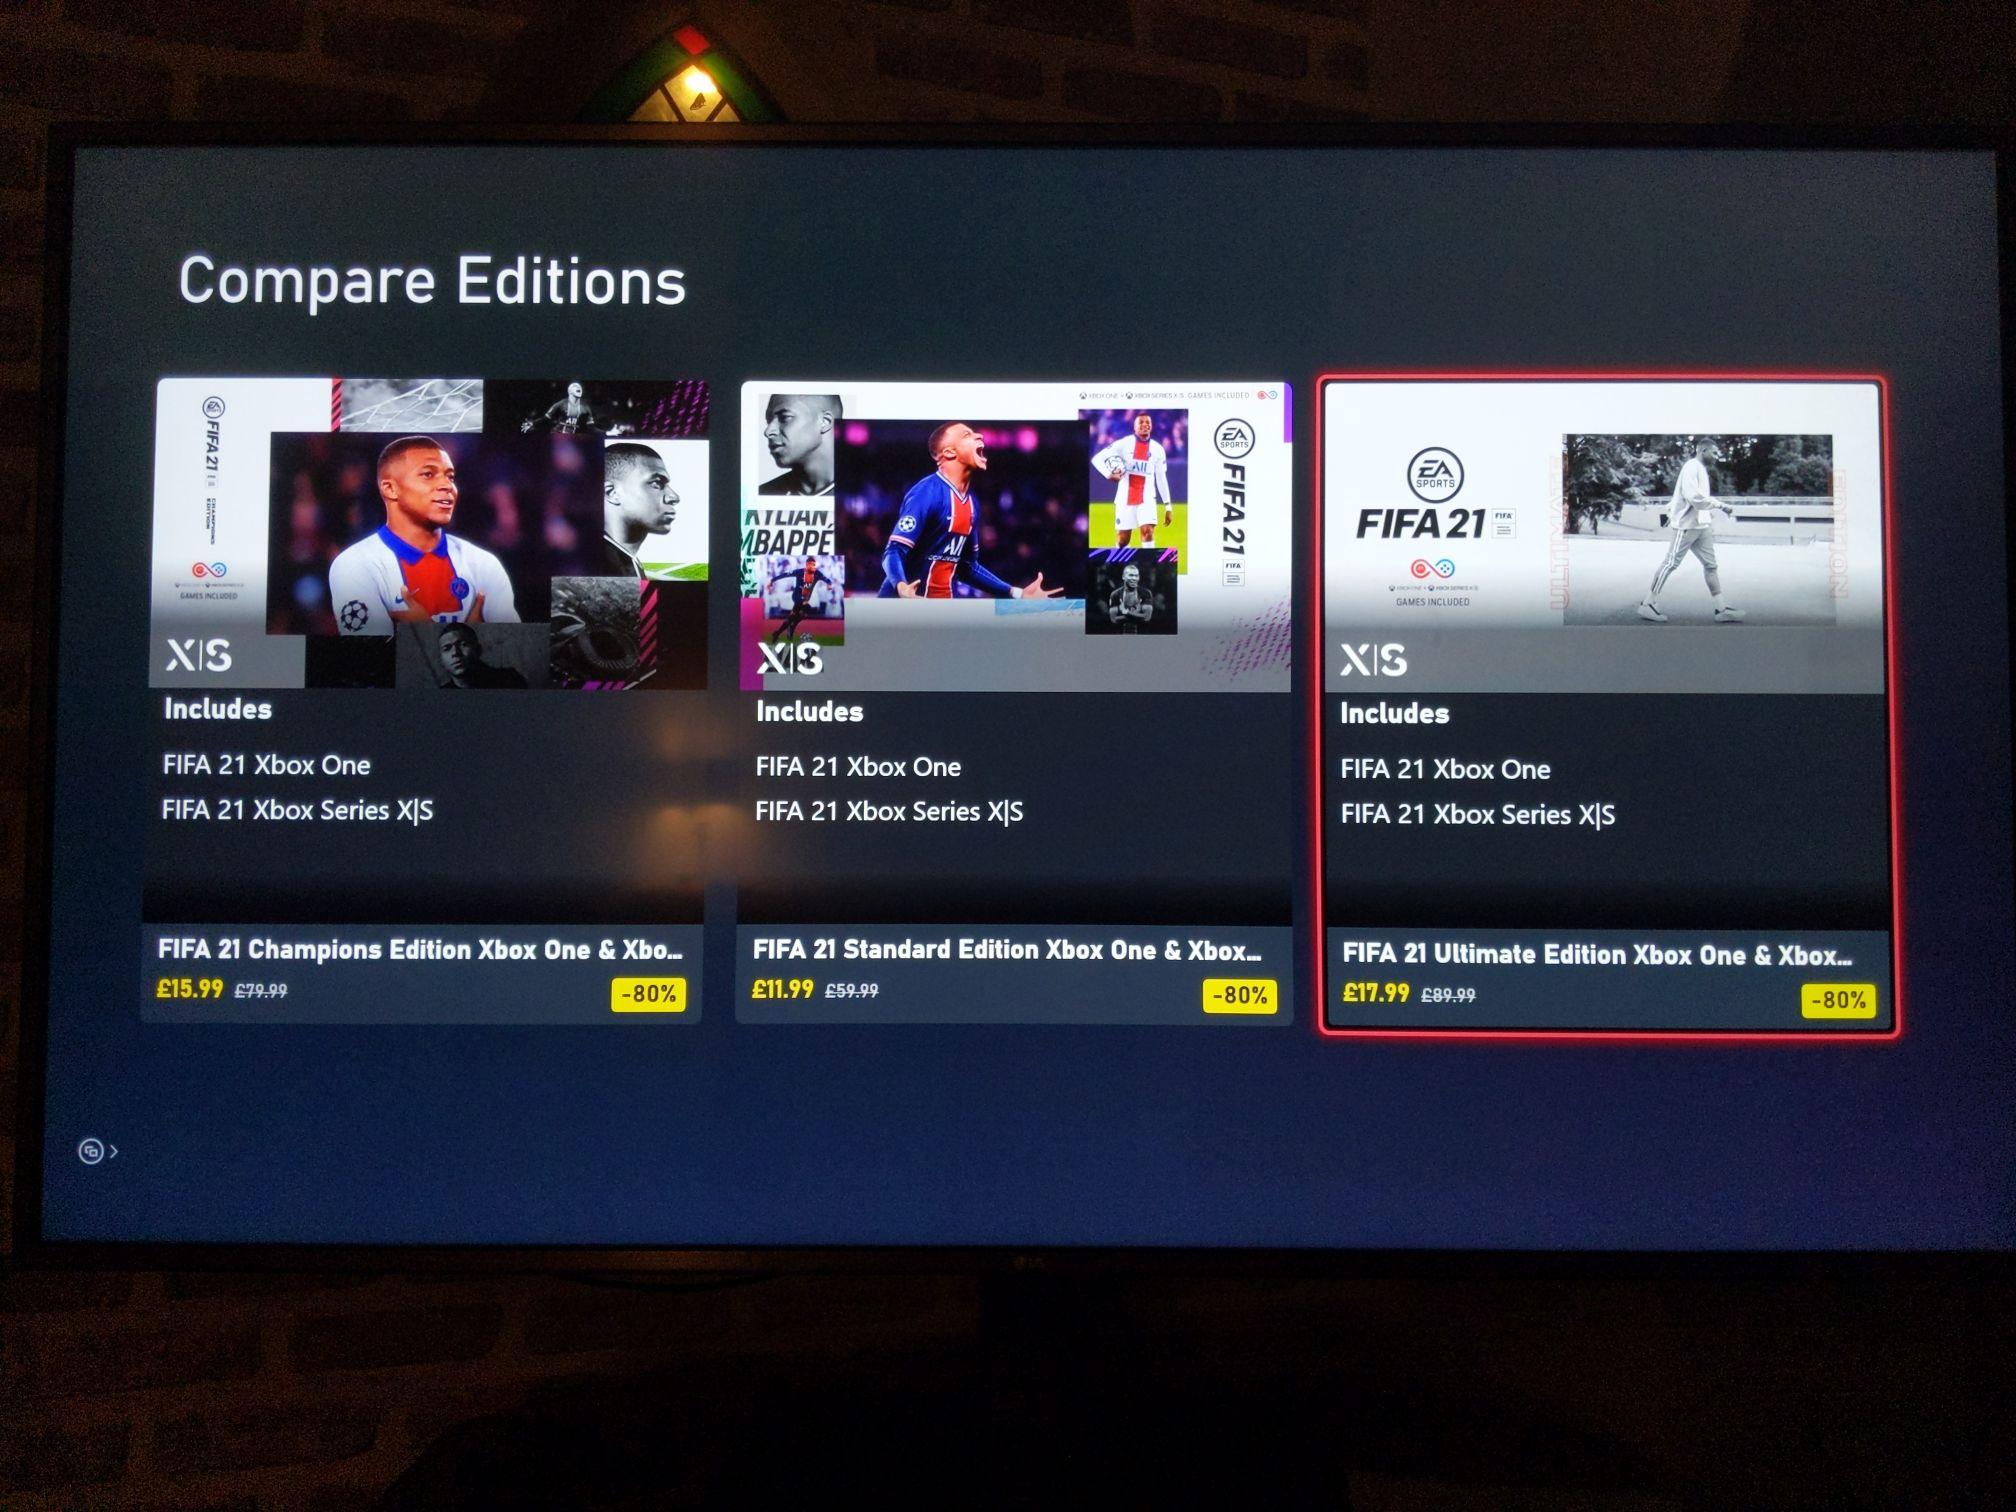 FIFA 21 Ultimate Edition For Xbox : Champions Edition - £15.99 / Standard Edi - £11.99 f/ Ultimate Edi - £17.99 @ Xbox Marketplace